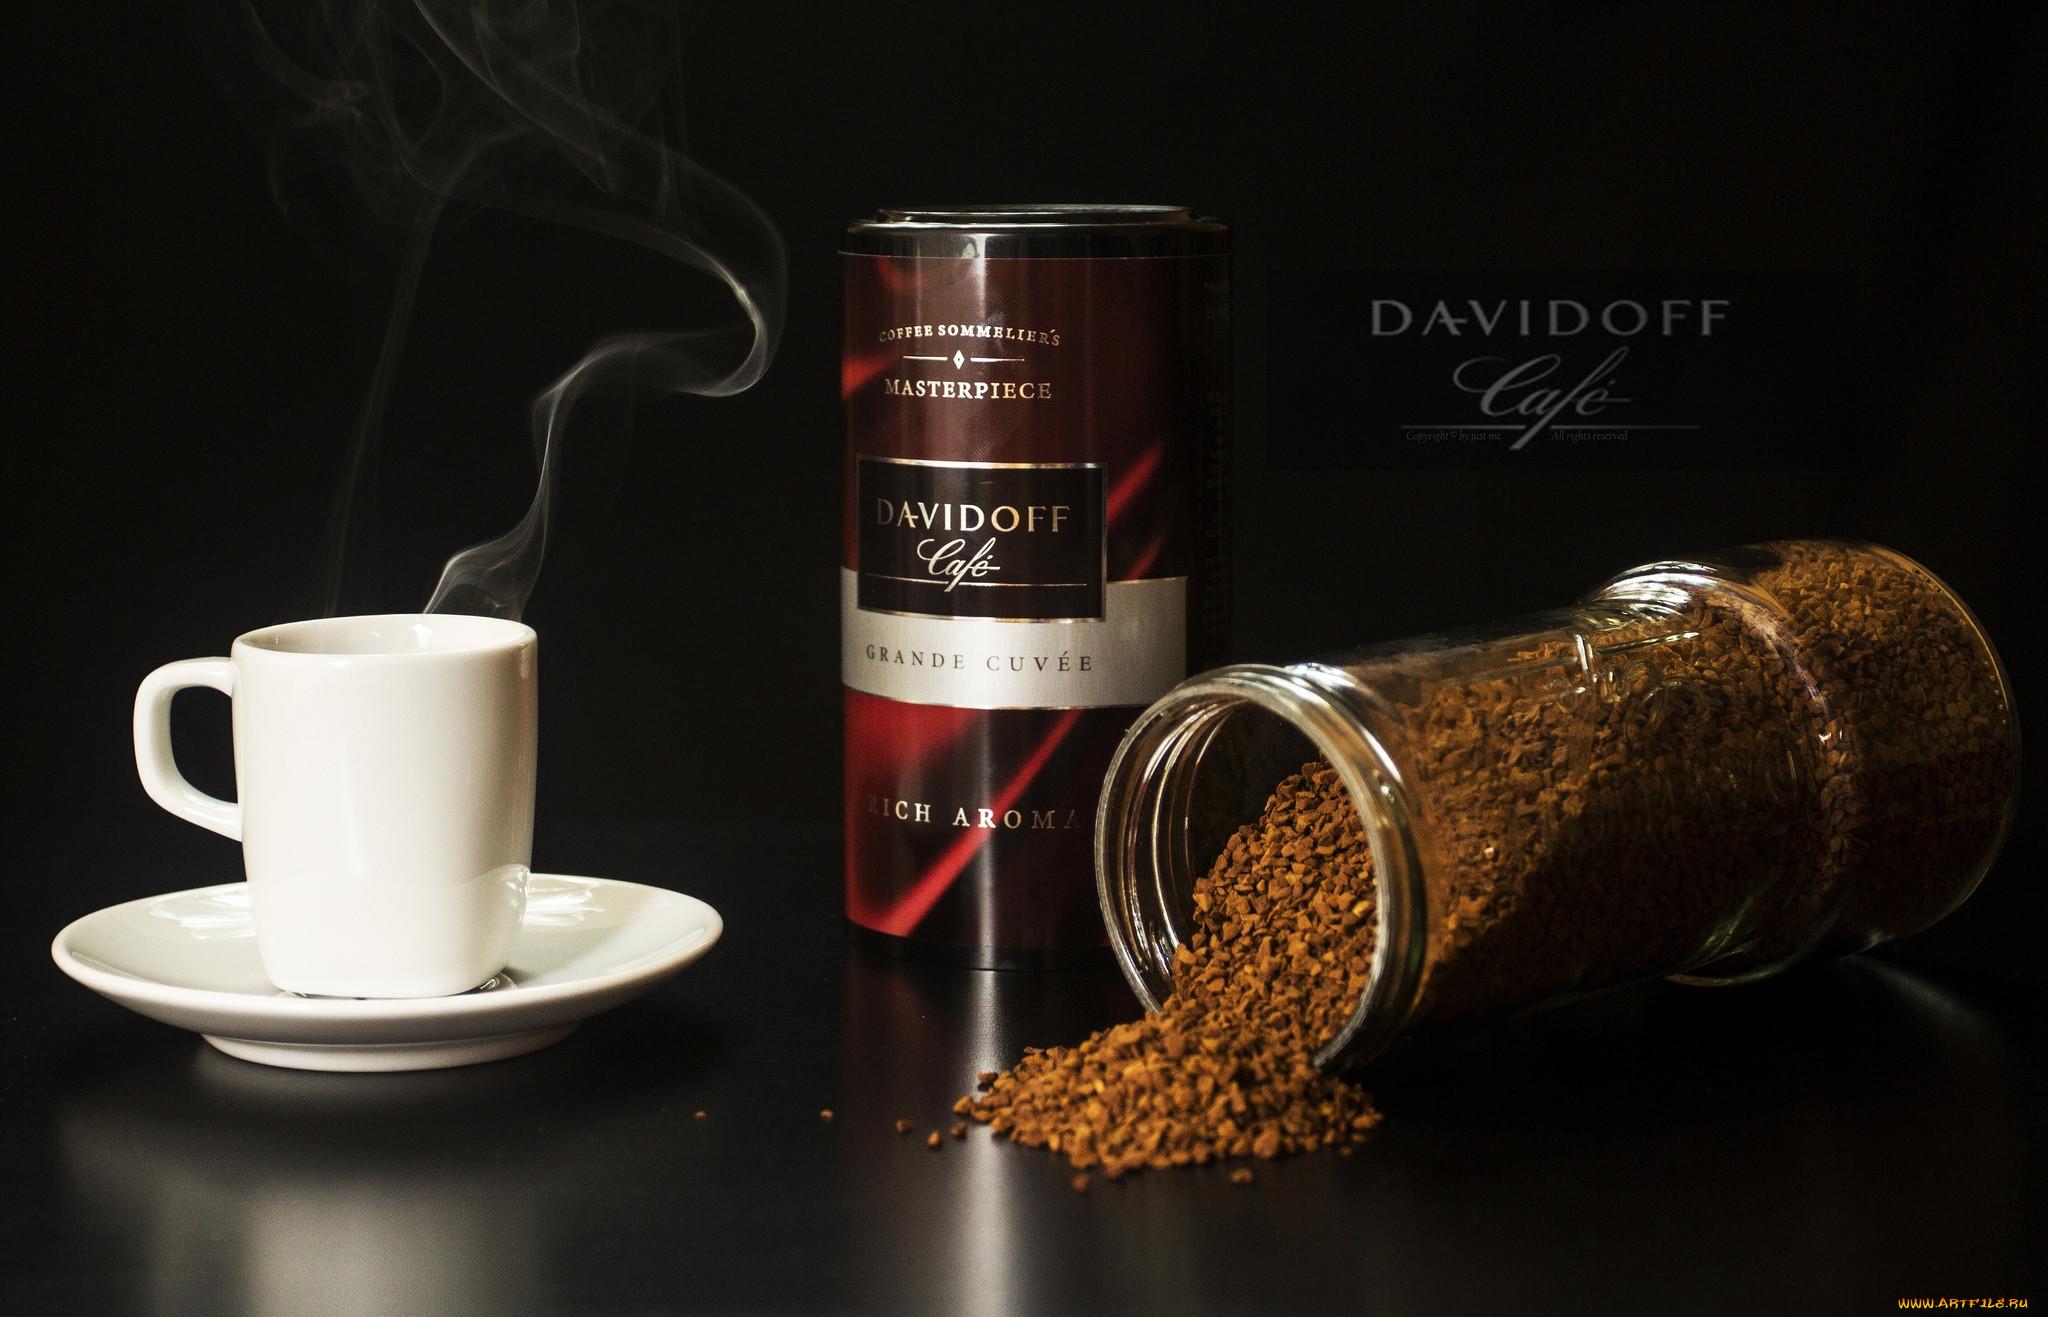 бренды, davidoff, кофе, чашка, банка